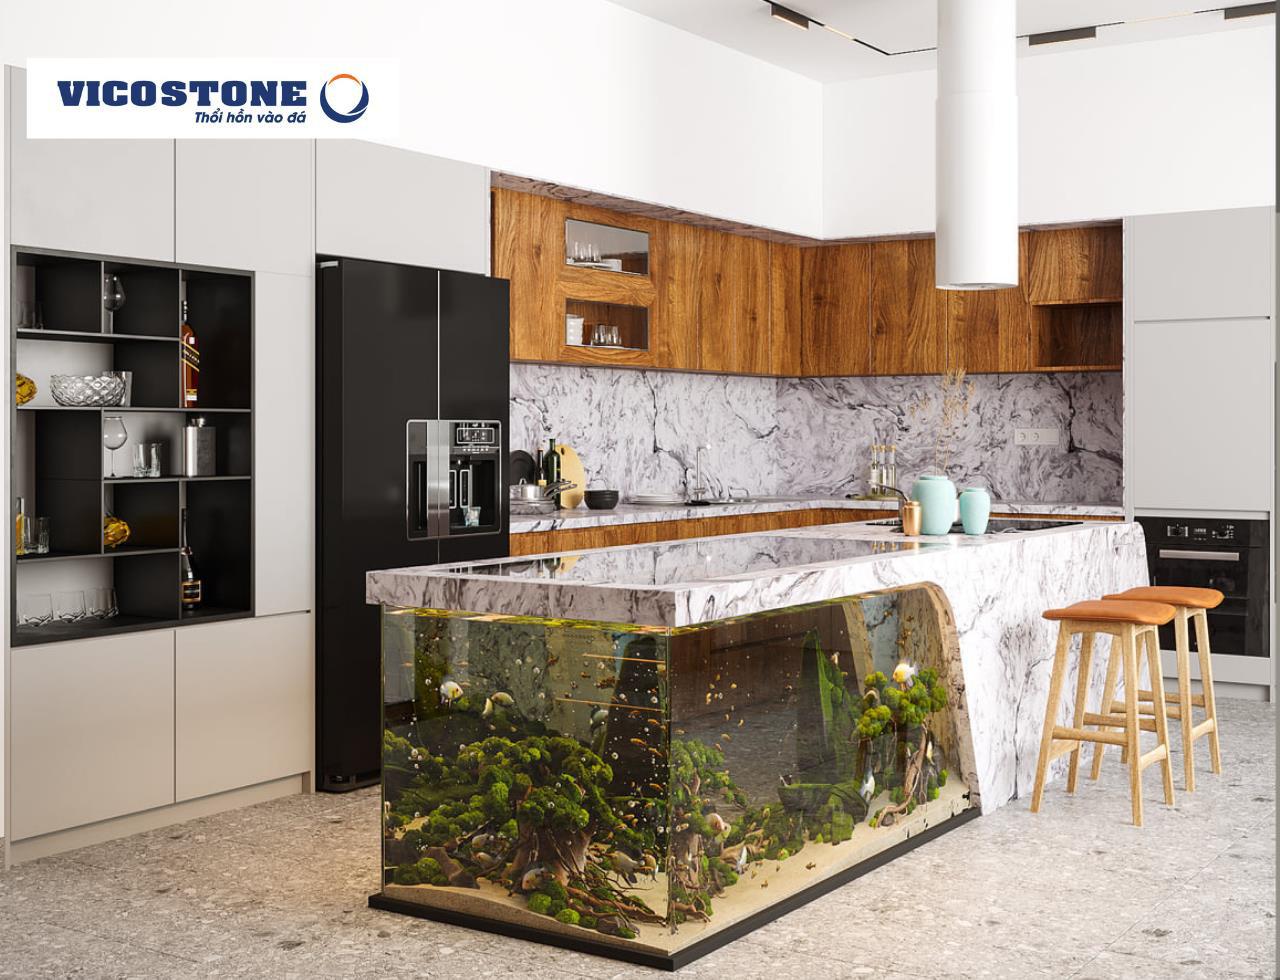 Thổi hồn cho căn bếp hiện đại từ góc nhìn của người đam mê nội thất - Ảnh 3.